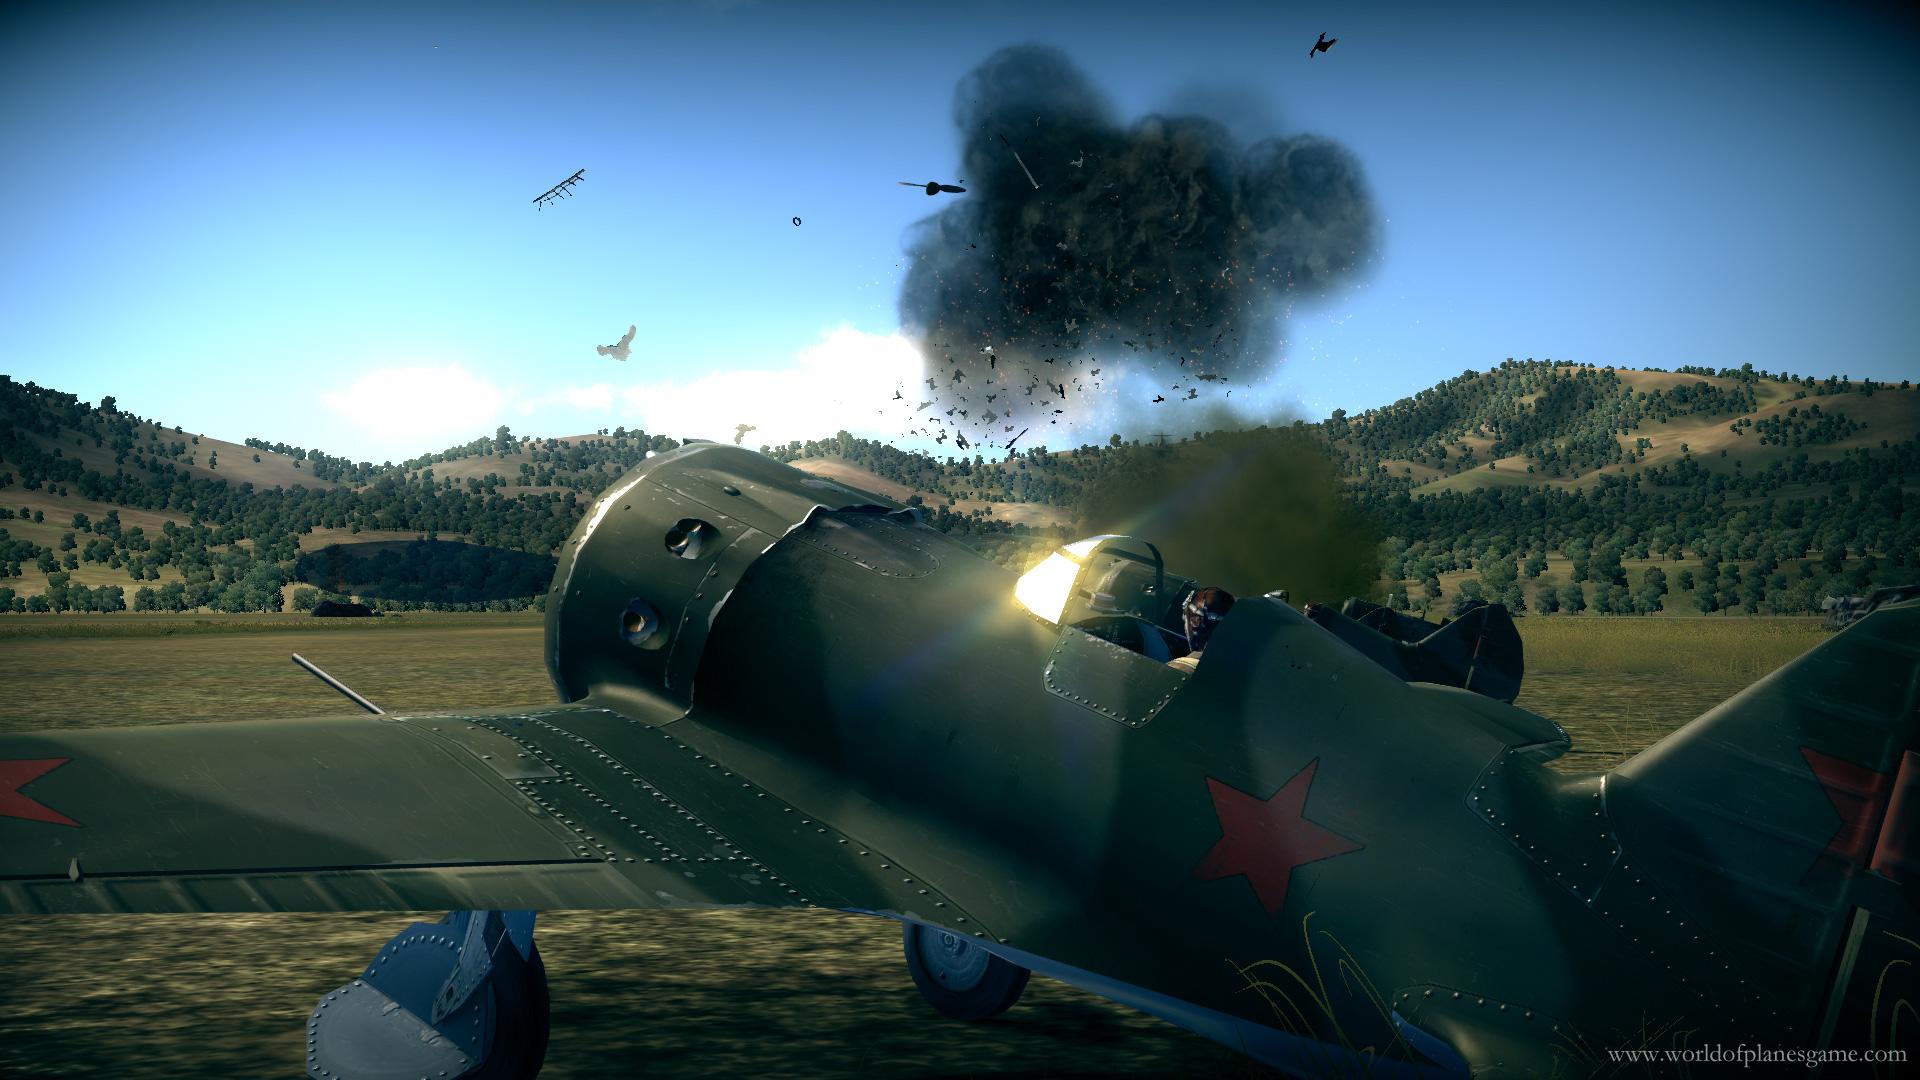 La guerra por dominar el cielo en World of Planes [Trailer]